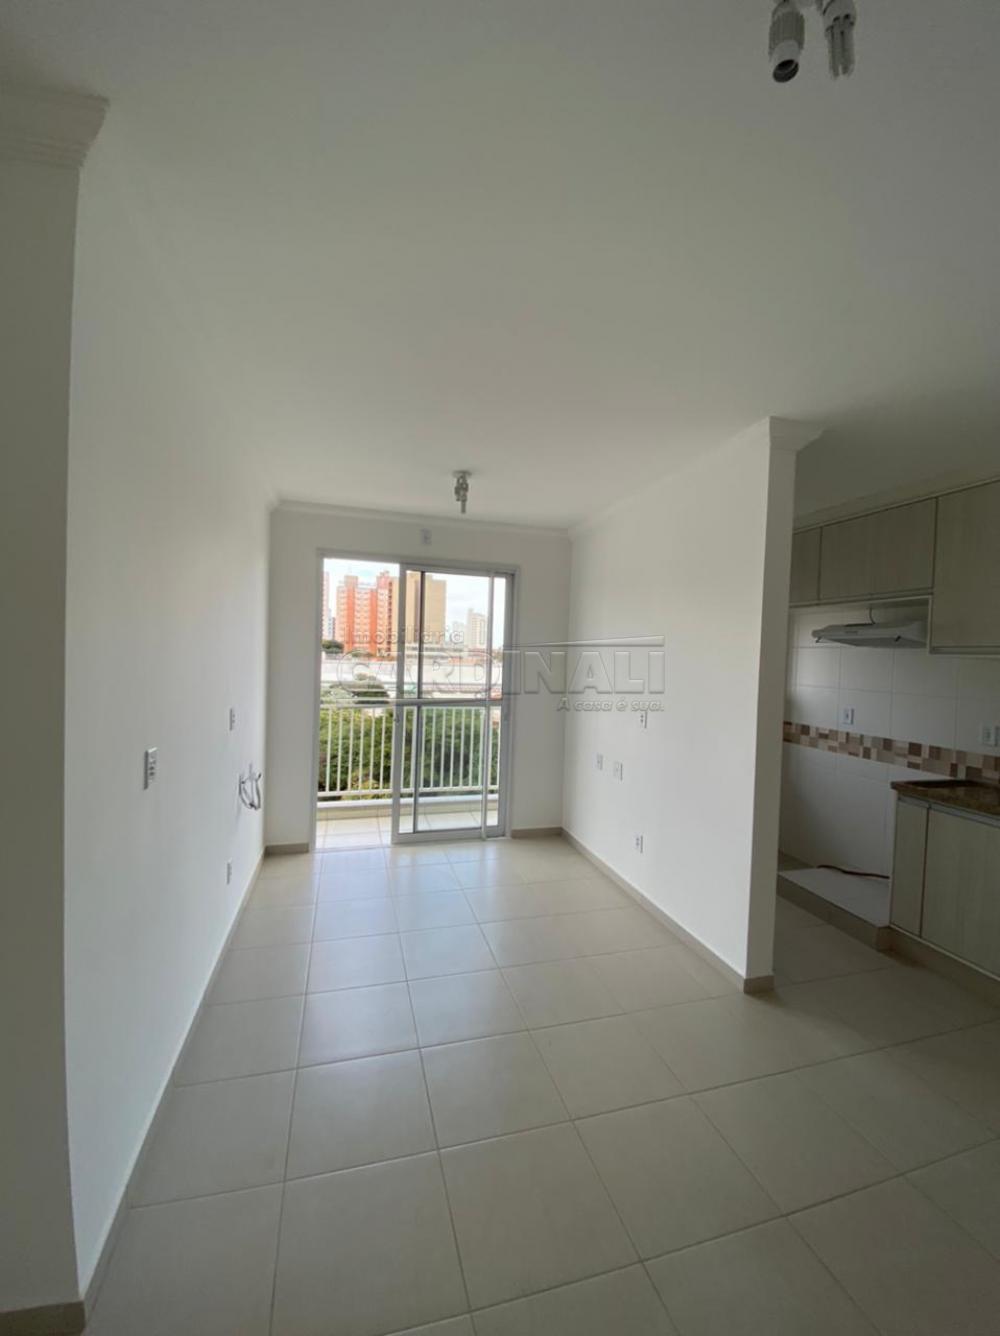 Alugar Apartamento / Padrão em São Carlos R$ 1.700,00 - Foto 10